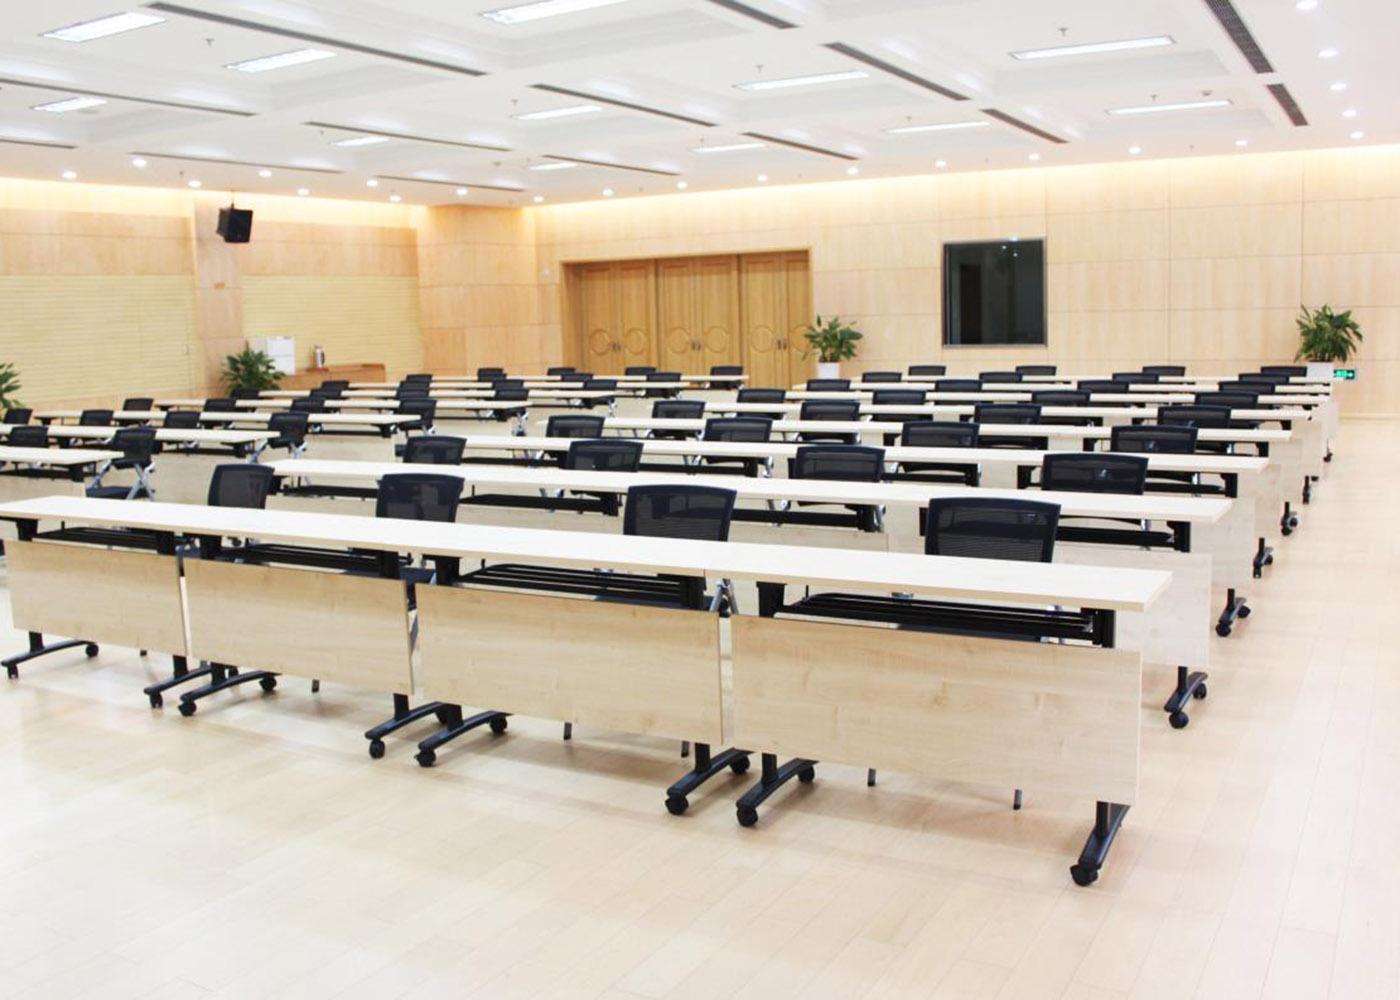 雷蒂斯培训桌A09,上海会议桌,【尺寸 价格 图片 品牌】